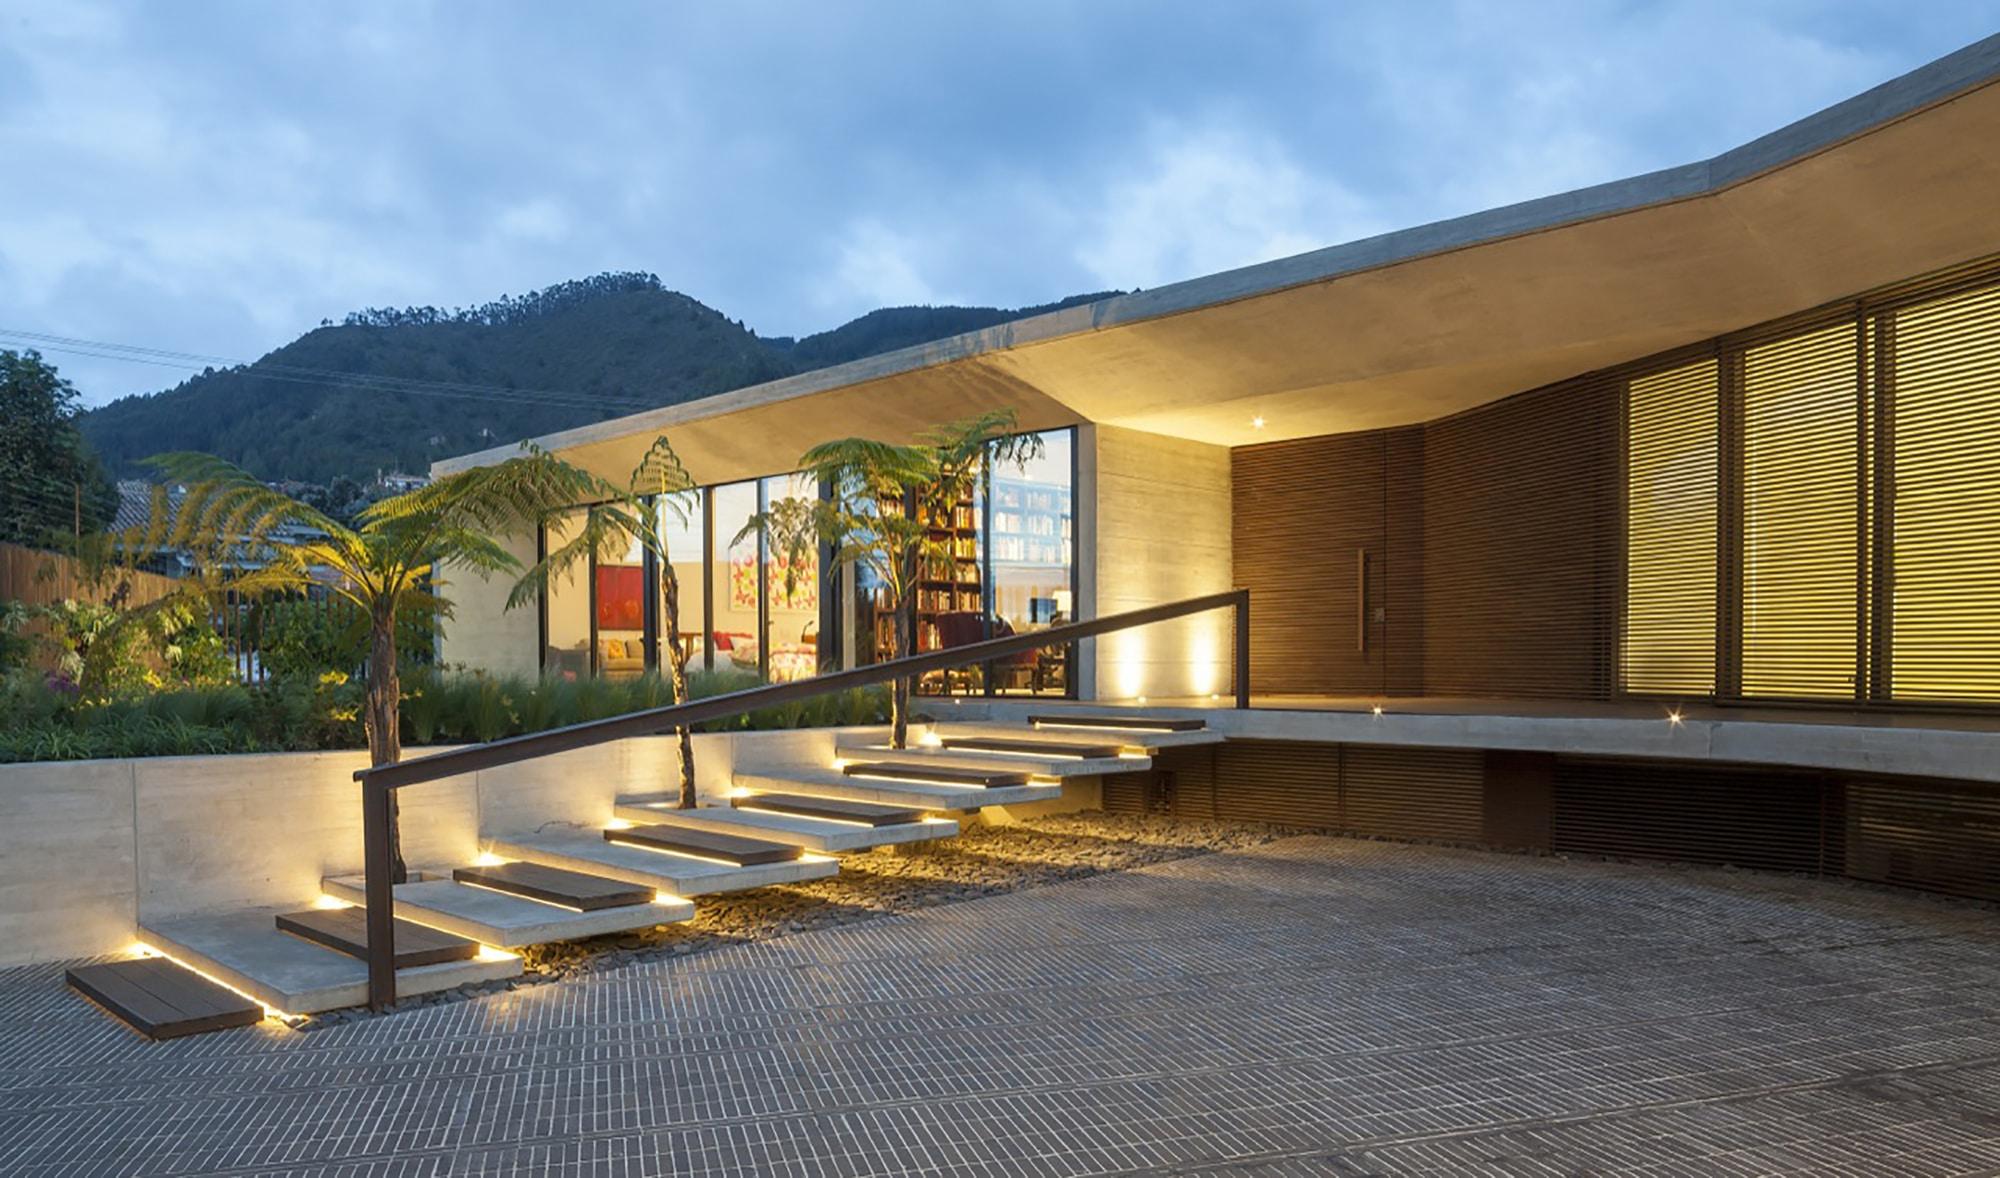 Dise o de ingreso principal de fachada de casa de un piso for Ingreso casas modernas